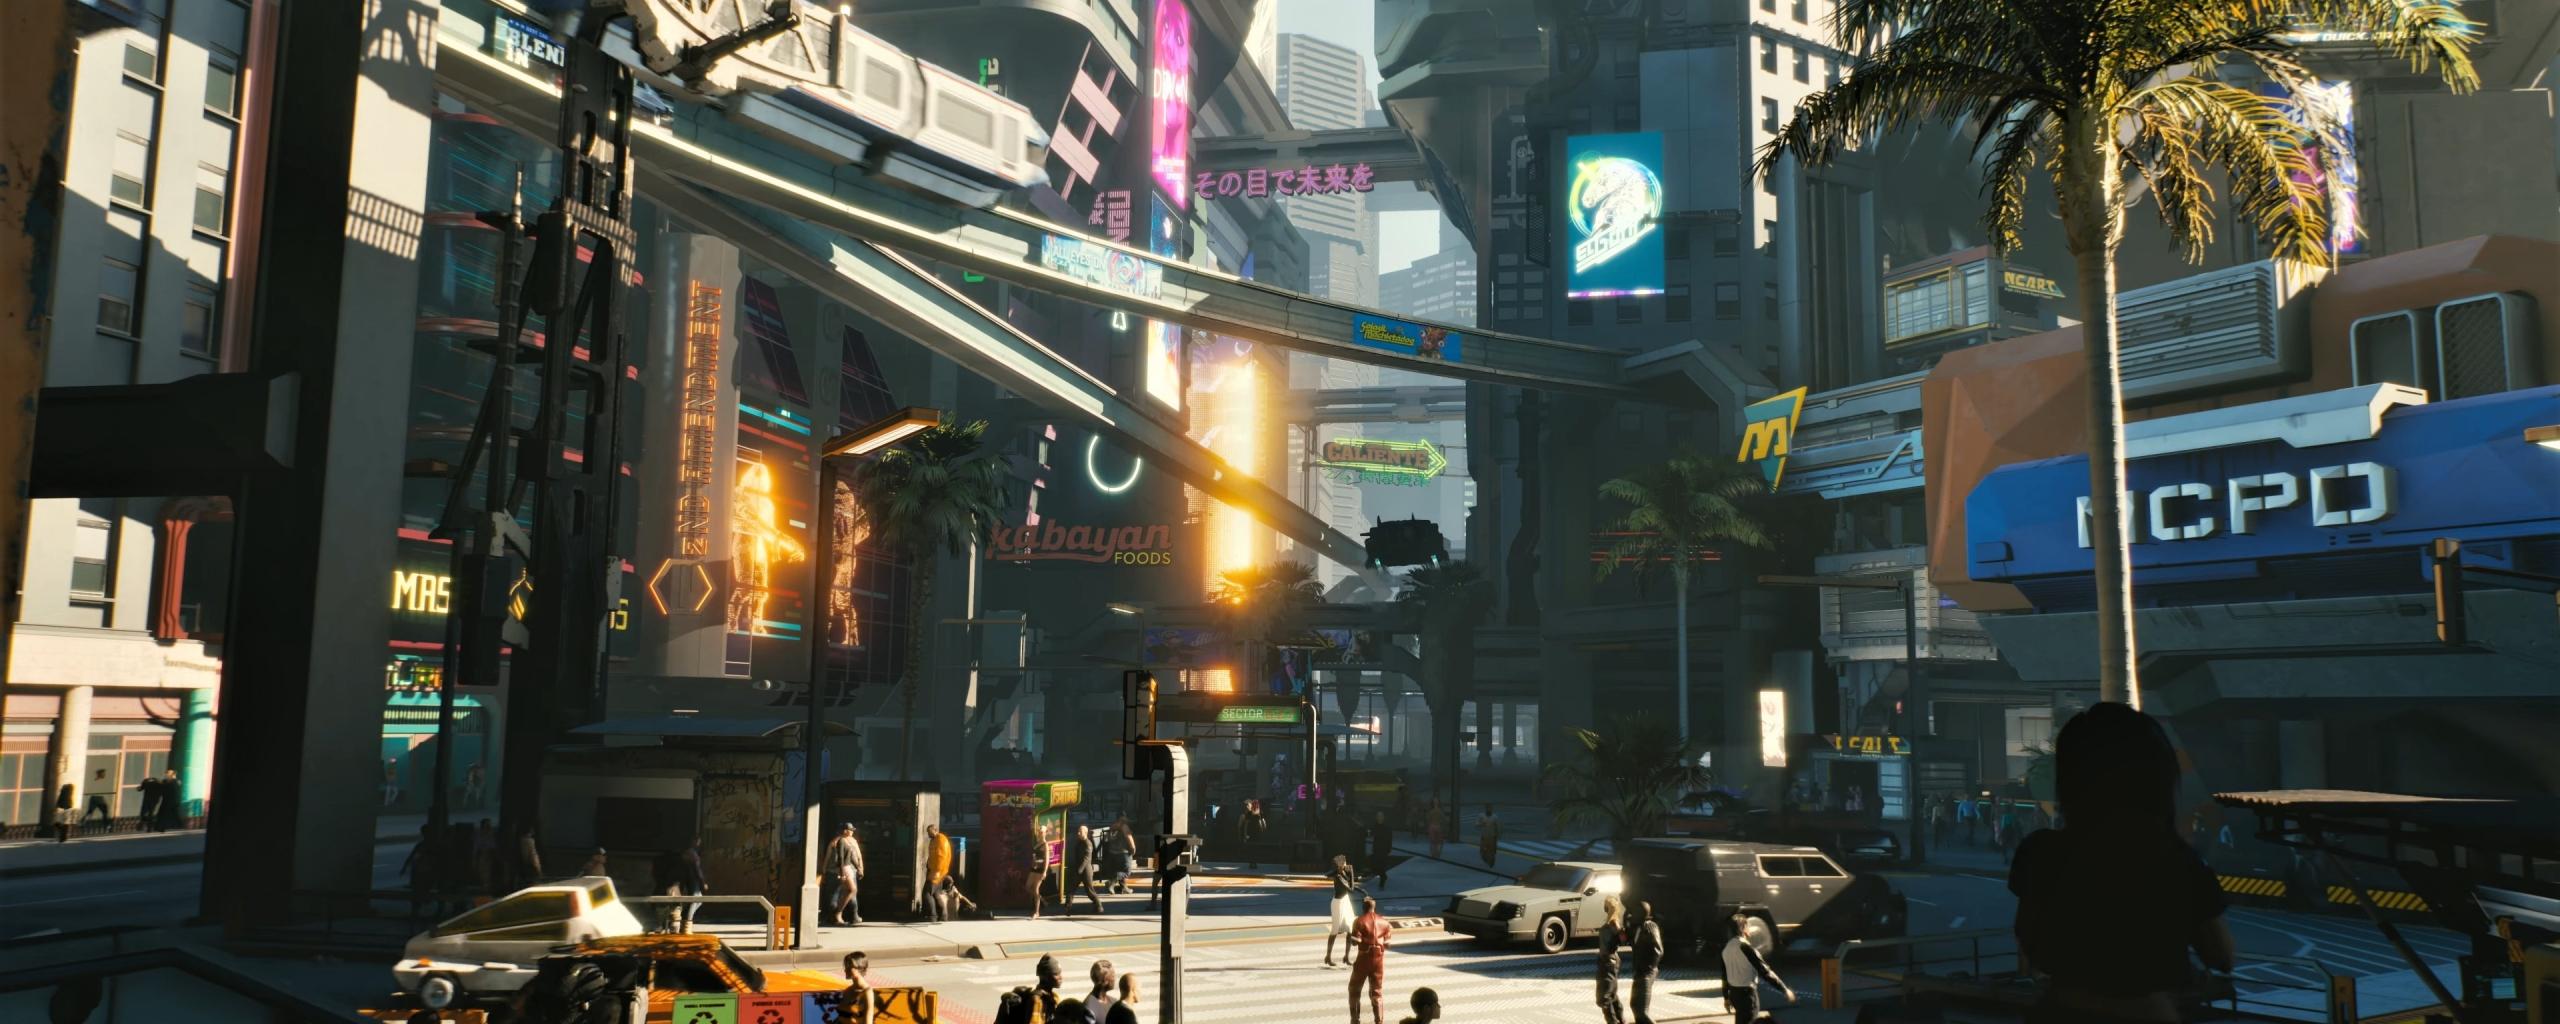 Cyberpunk 2077 City Wallpaper: Download 2560x1024 Wallpaper Modern City, Cyberpunk 2077